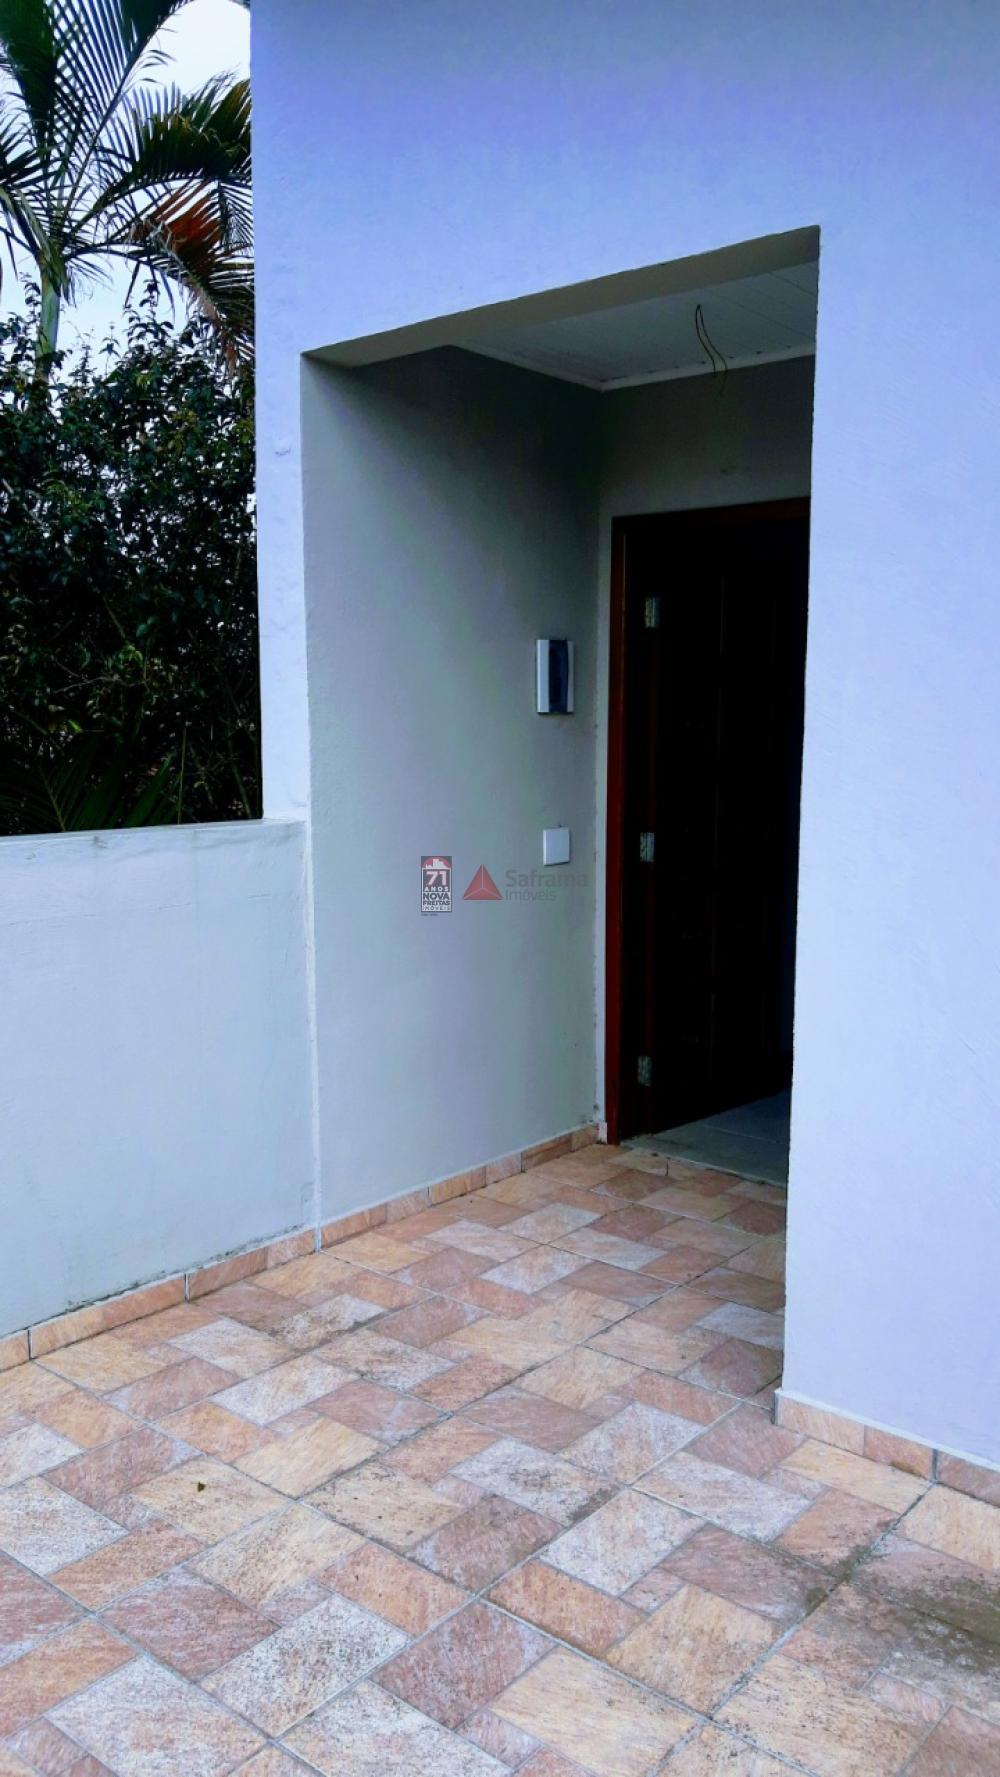 Comprar Casa / Sobrado em Caraguatatuba apenas R$ 436.000,00 - Foto 4